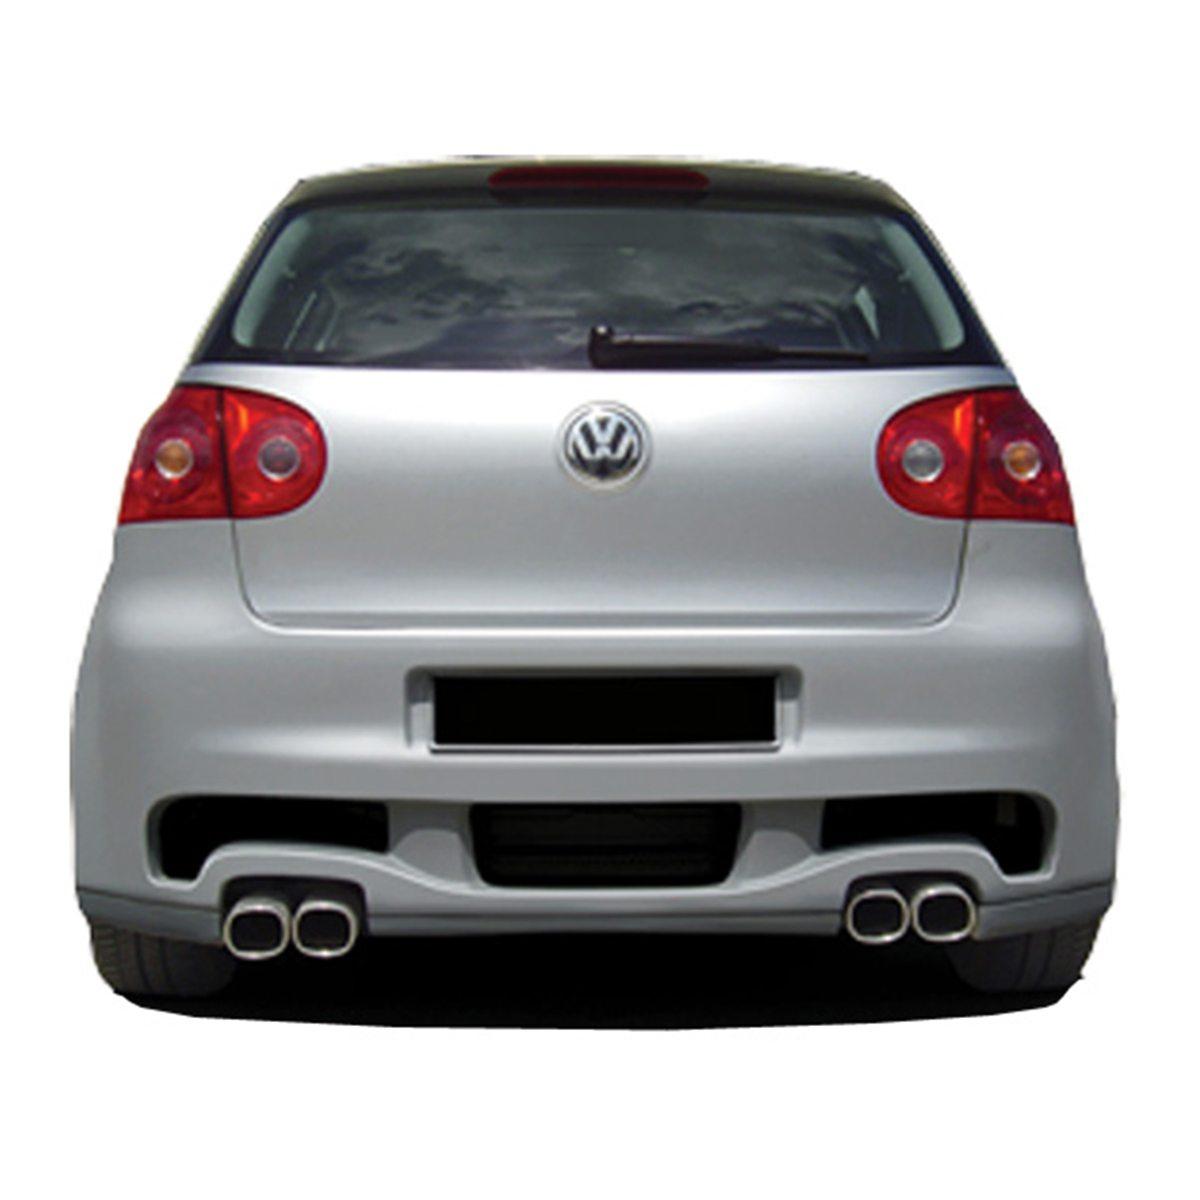 VW-Golf-V-Meister-Tras-PCU1115.2